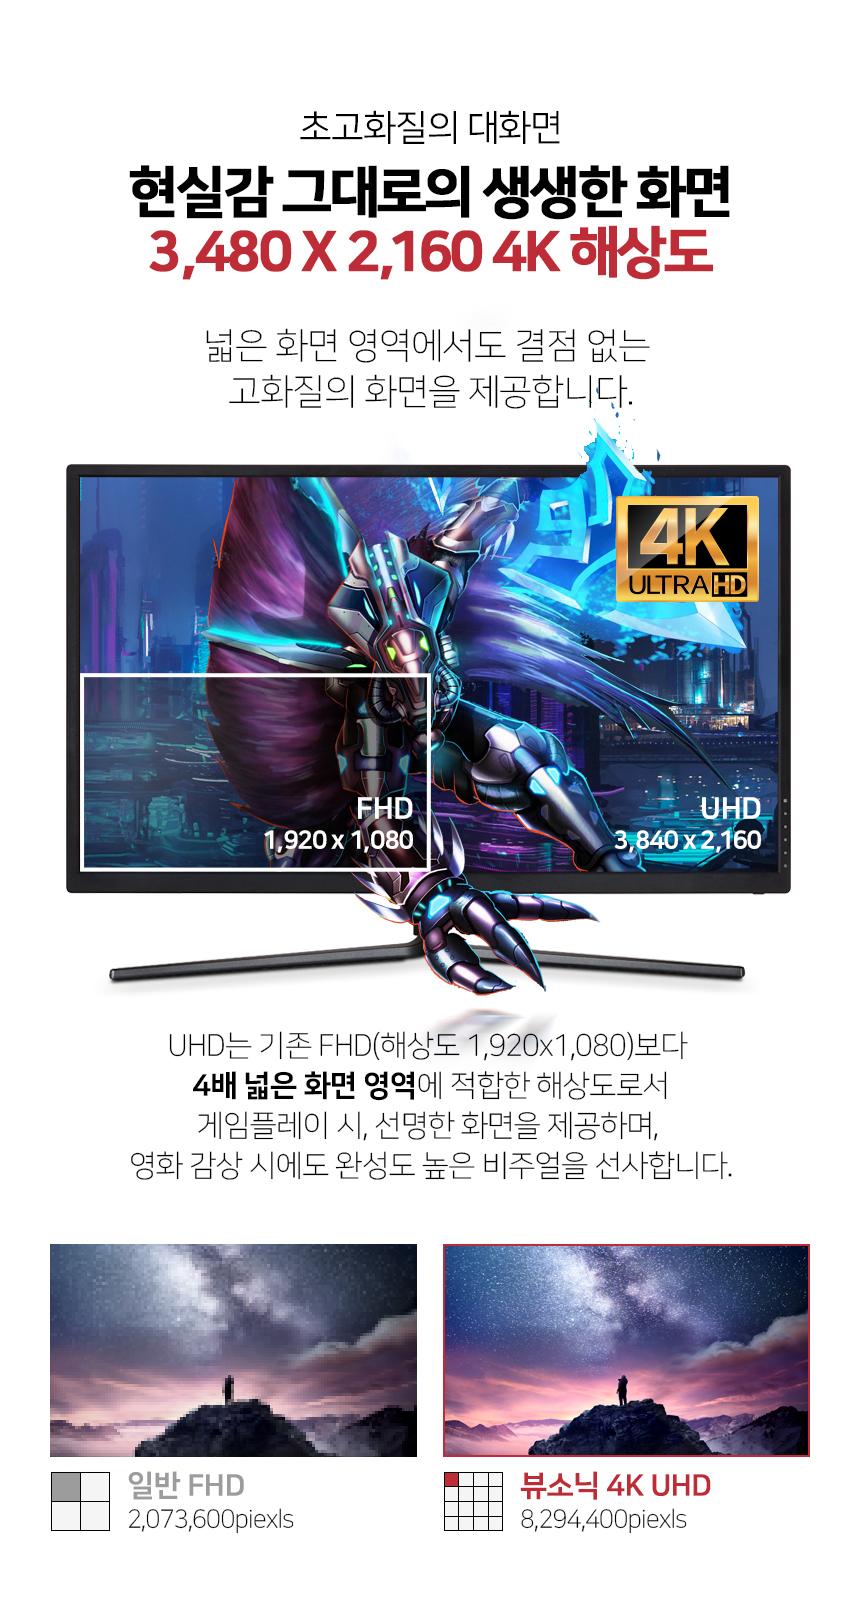 뷰소닉 VX3211-4K-MHD UHD 리얼 4K HDR 무결점